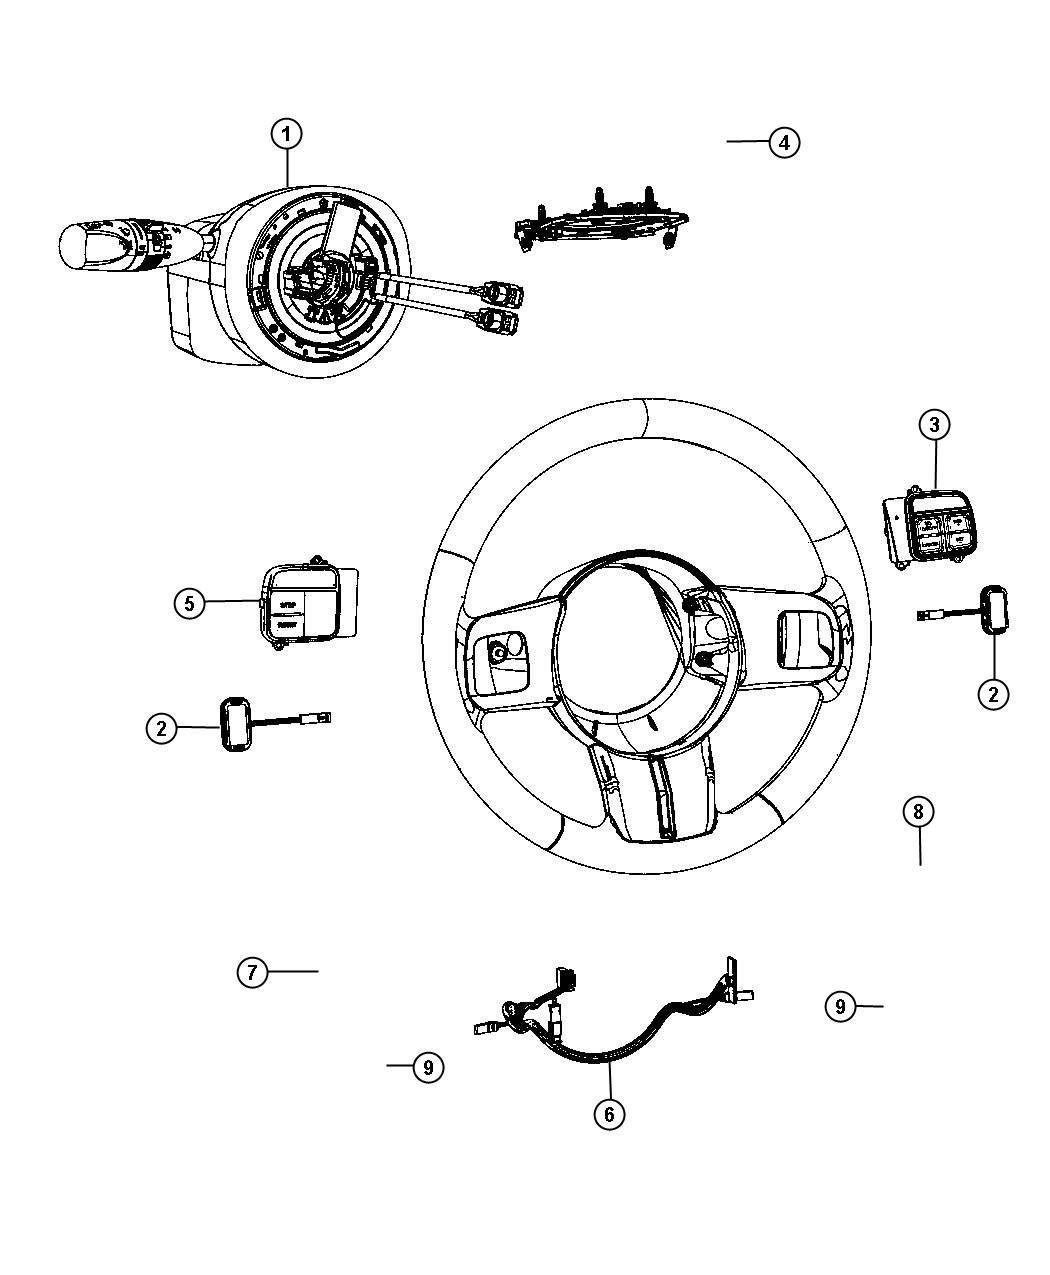 Jeep Grand Cherokee Wiring. Steering wheel. Export. Trim